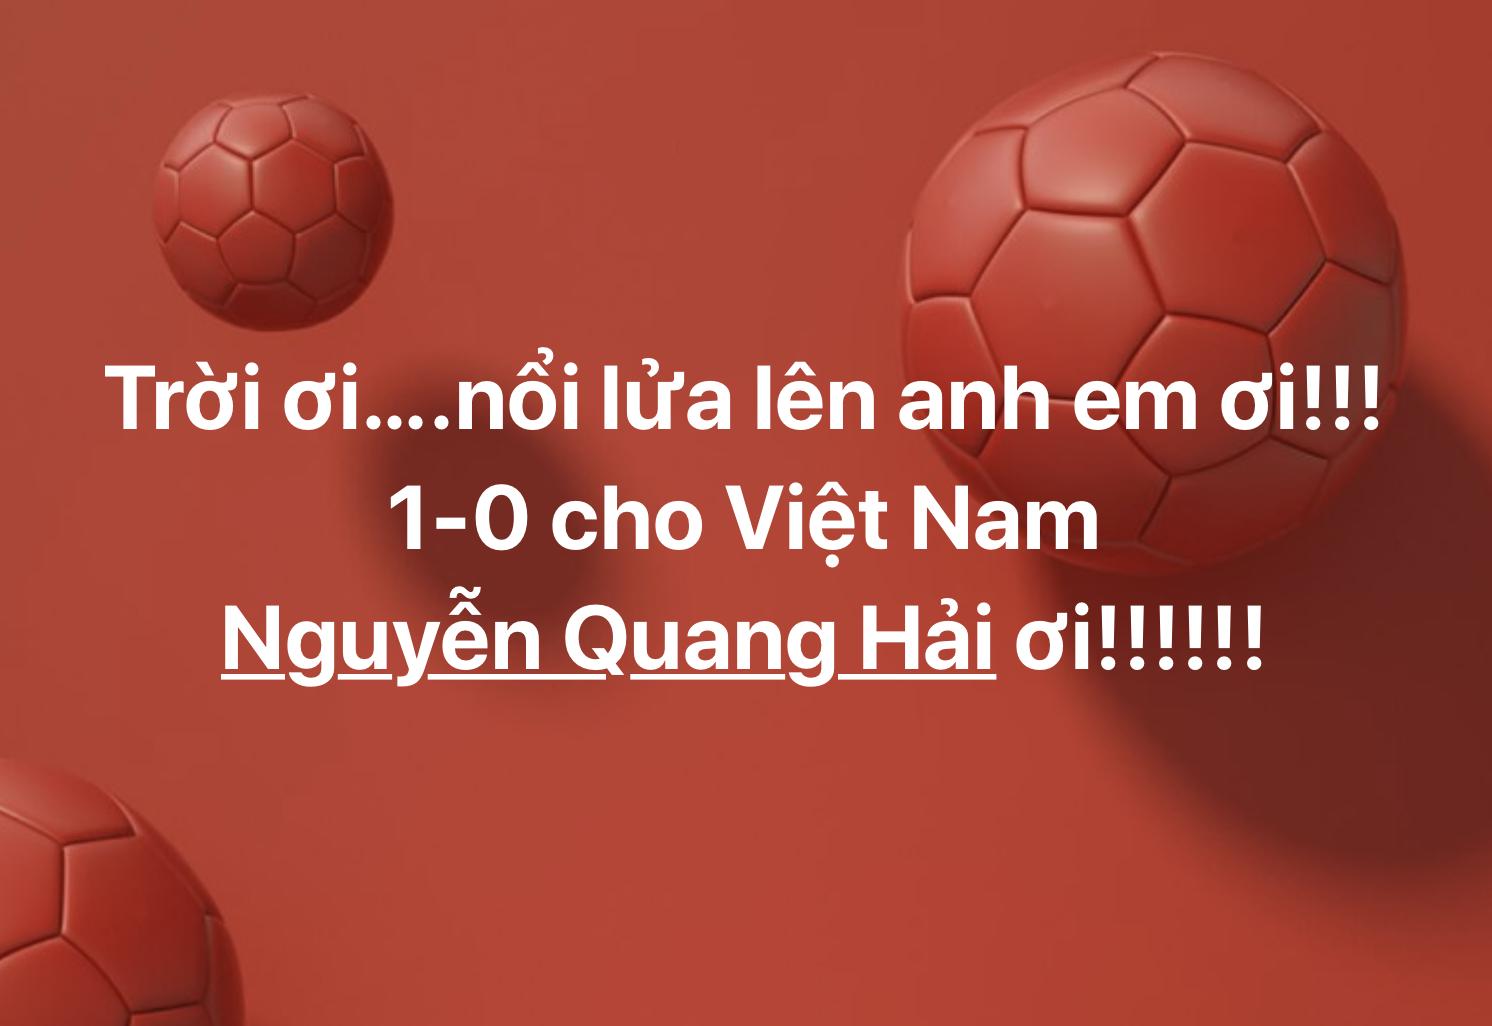 CĐV nổi lửa lên em để ăn mừng bàn thắng mở màn của Quang Hải.